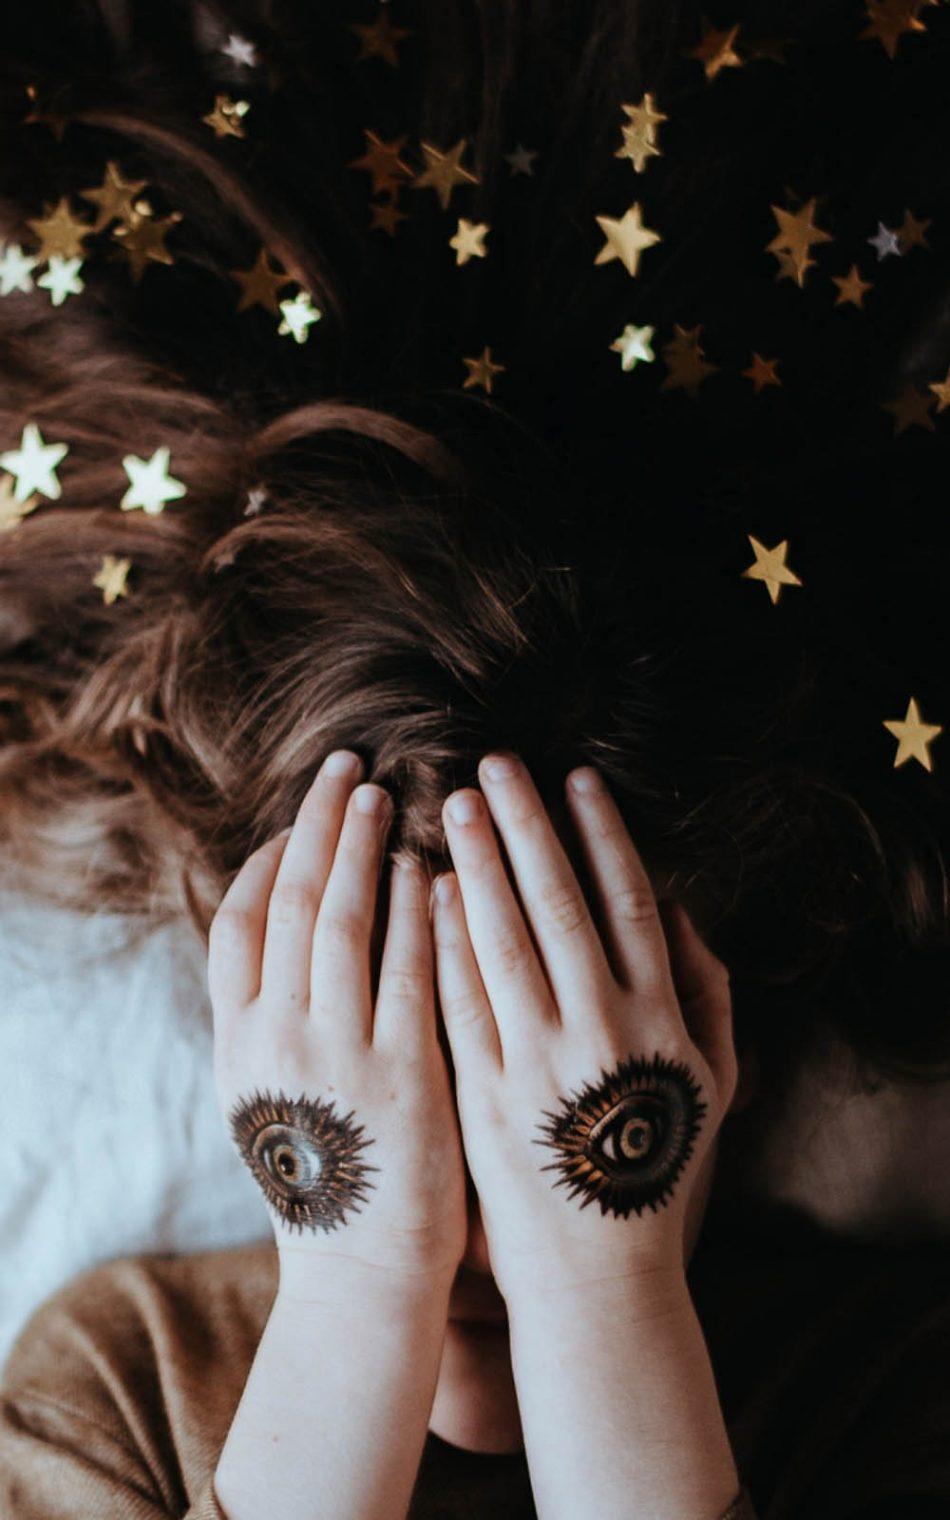 Girl Hand Hair Art Stars HD Mobile Wallpaper